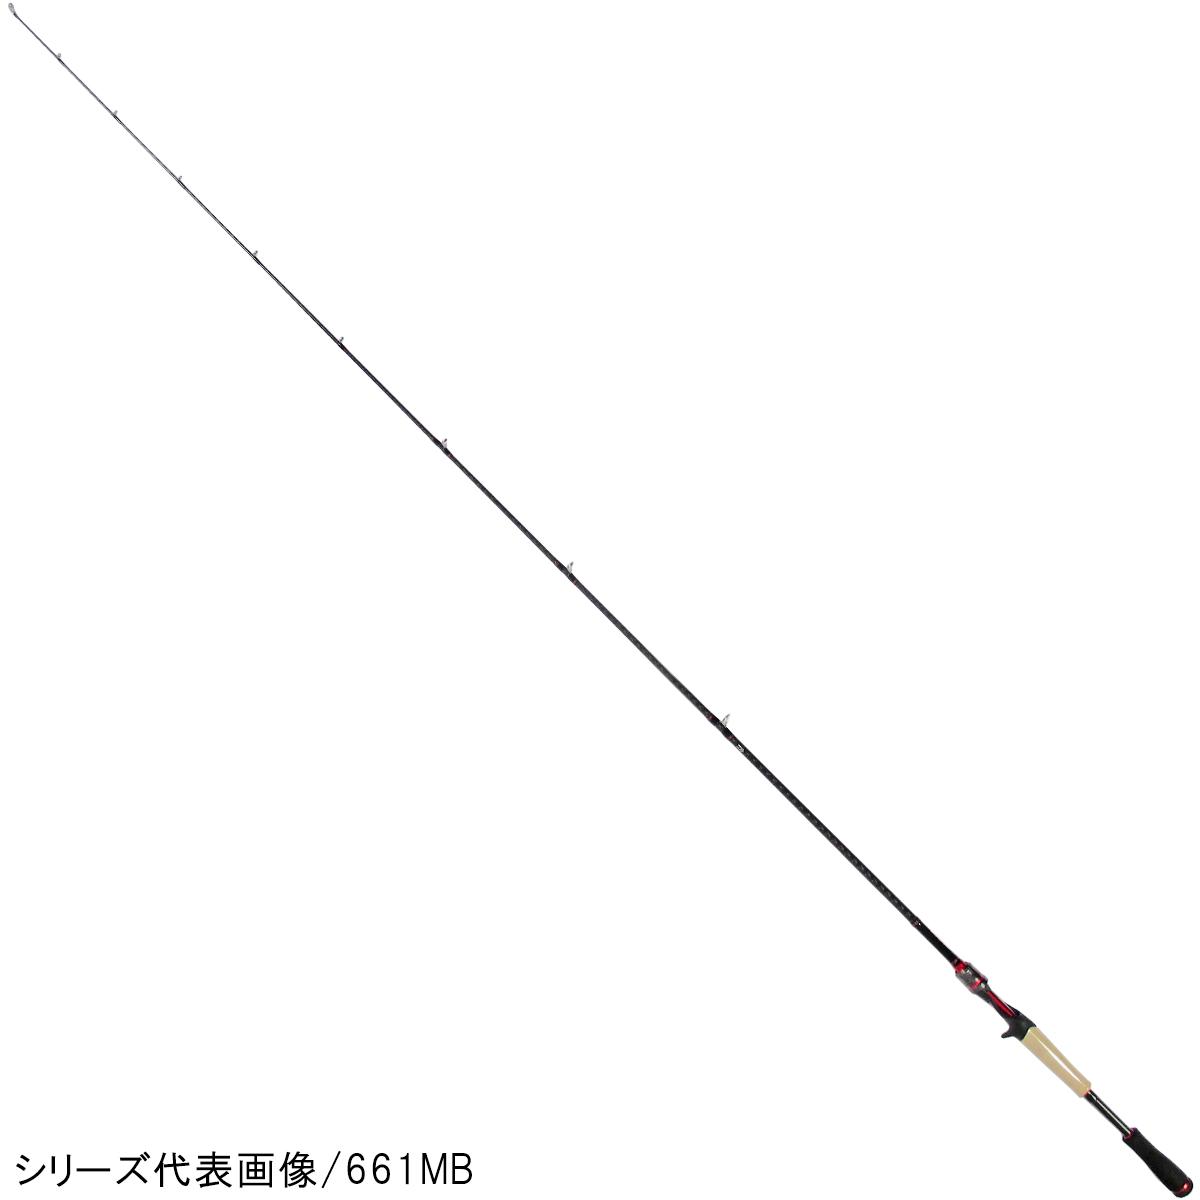 ダイワ ブレイゾン 661MHB【大型商品】(東日本店)